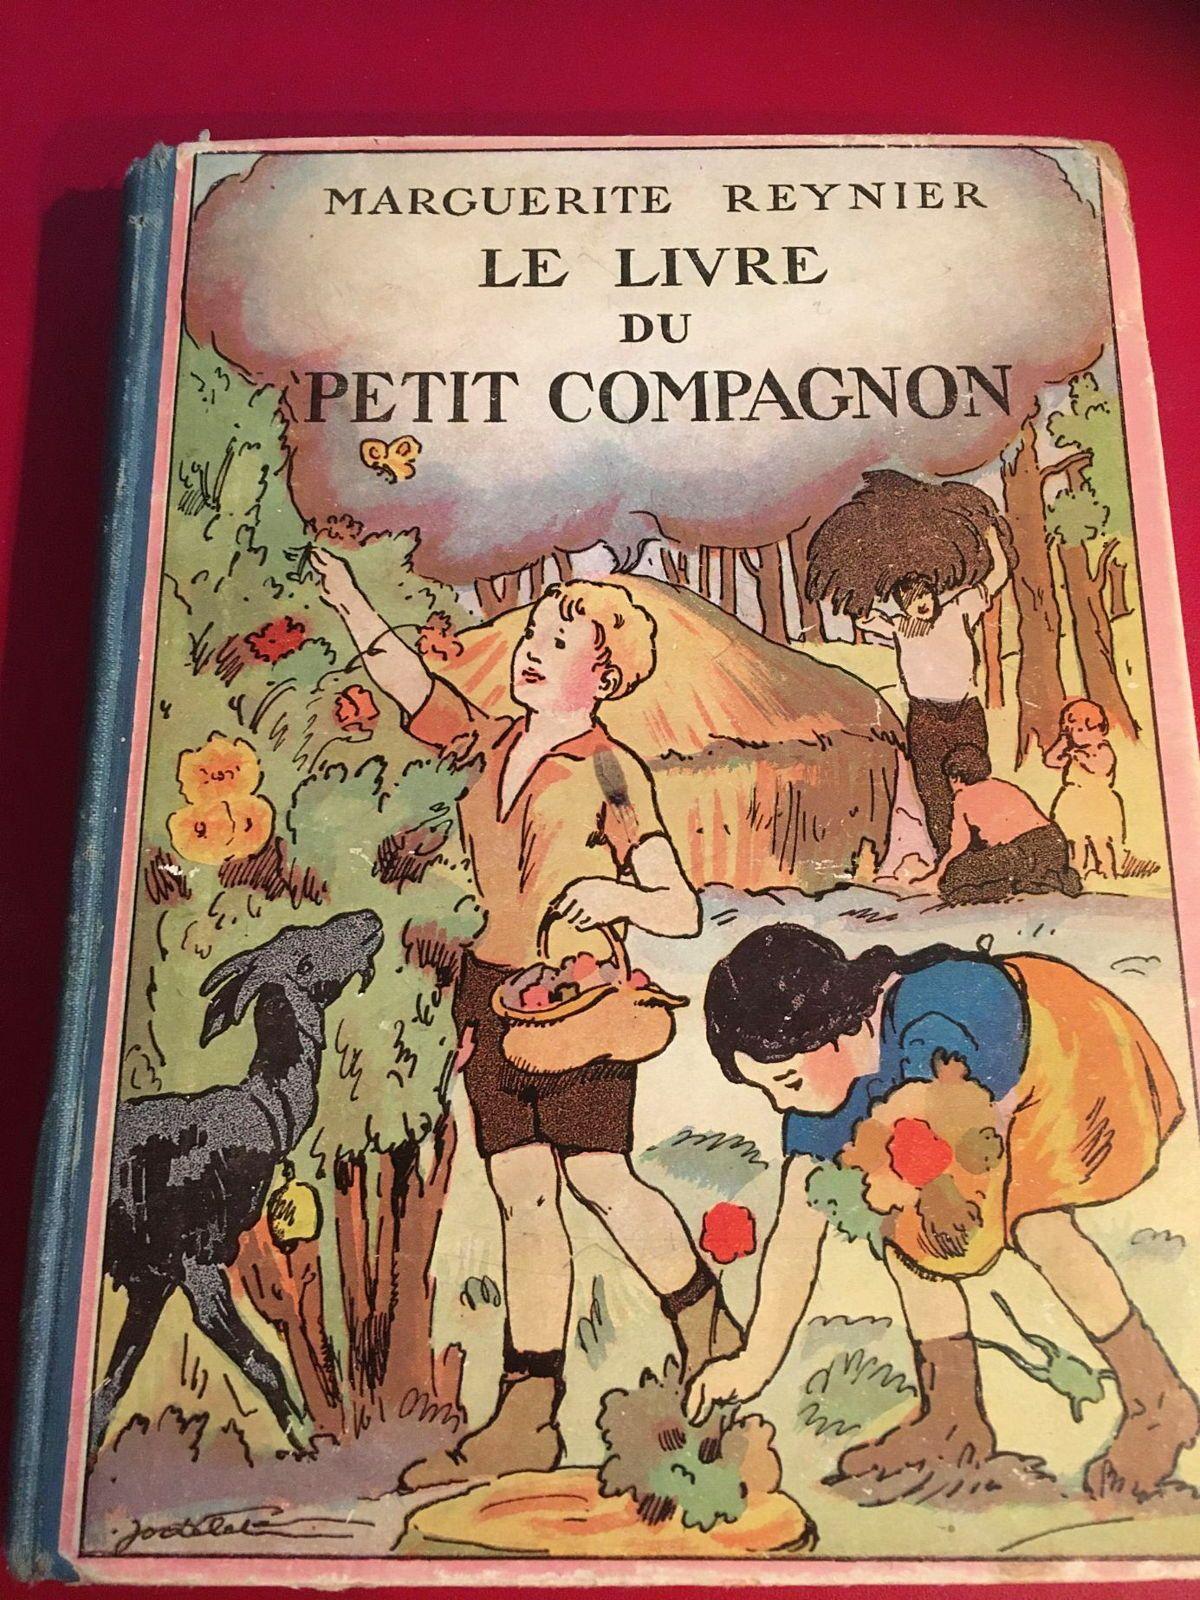 Le livre du petit compagnon, 1929